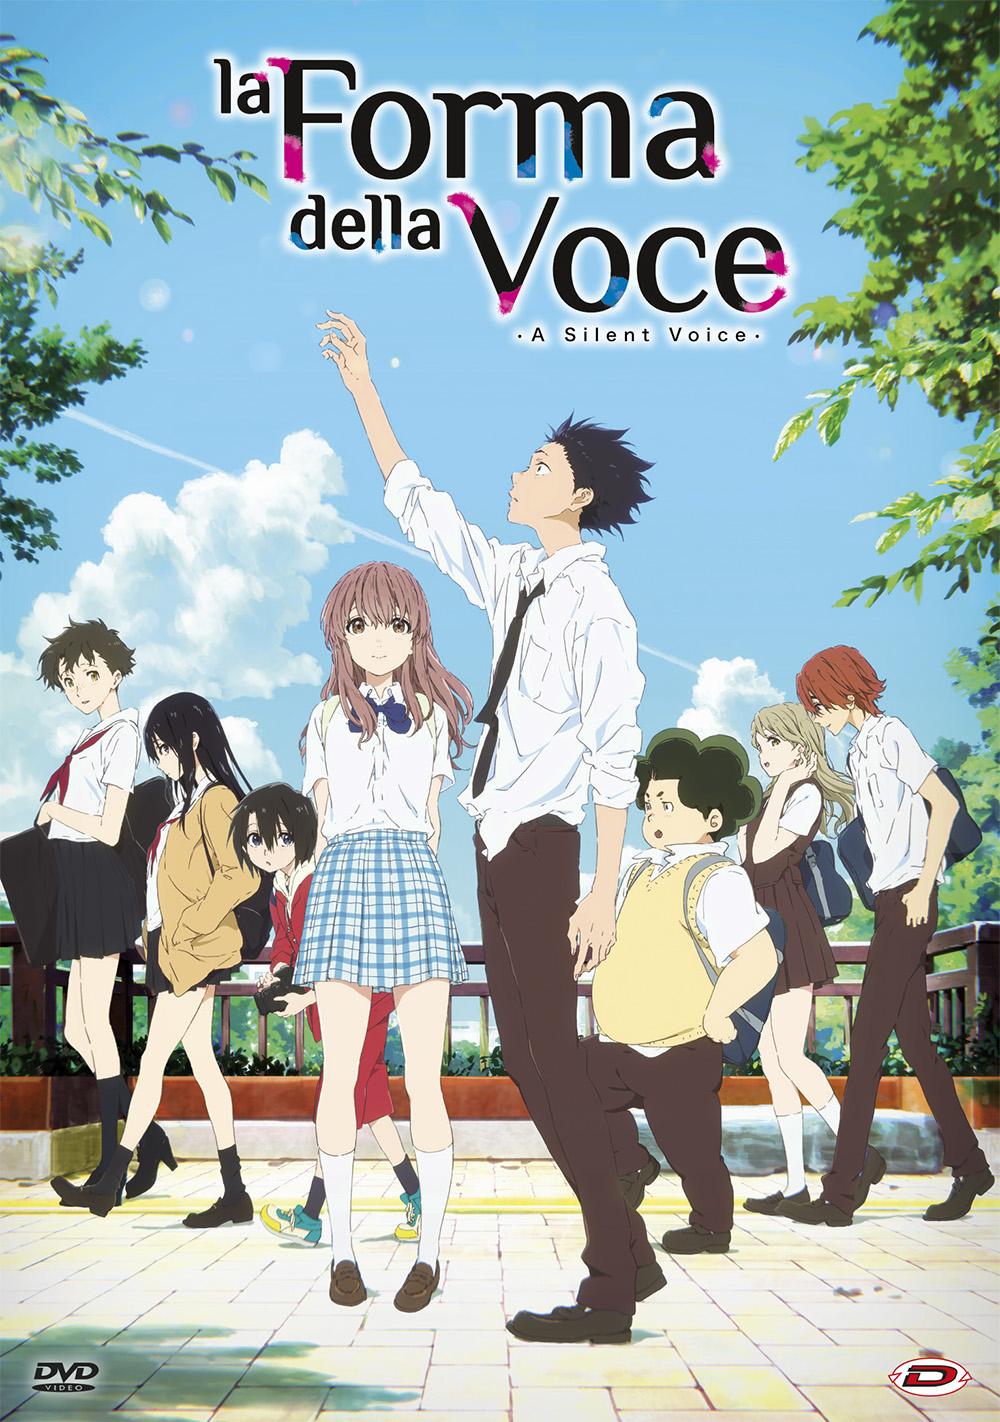 LA FORMA DELLA VOCE (STANDARD EDITION) (DVD)